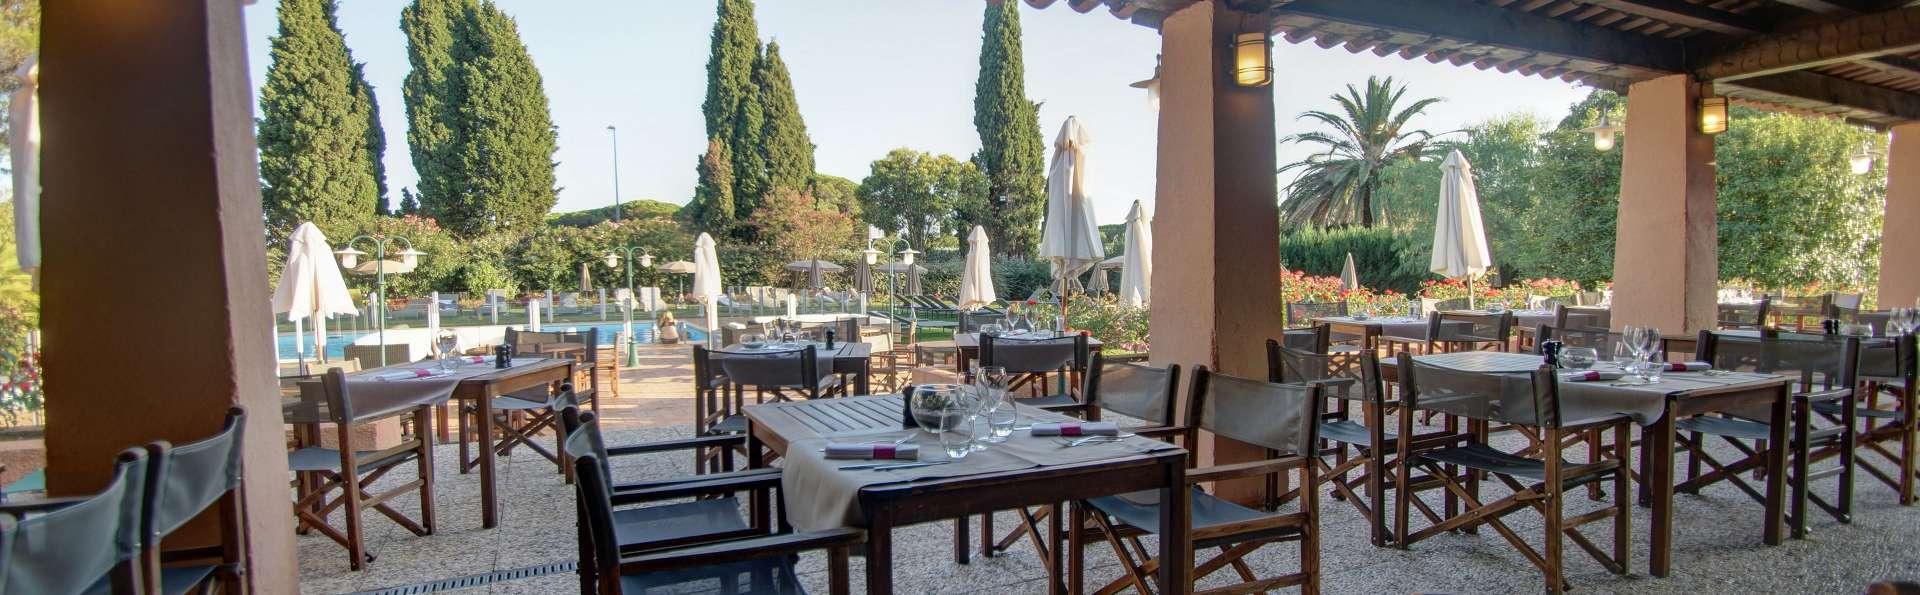 Speciale aanbieding: Dineren in Saint Raphaël (vanaf 2 nachten)